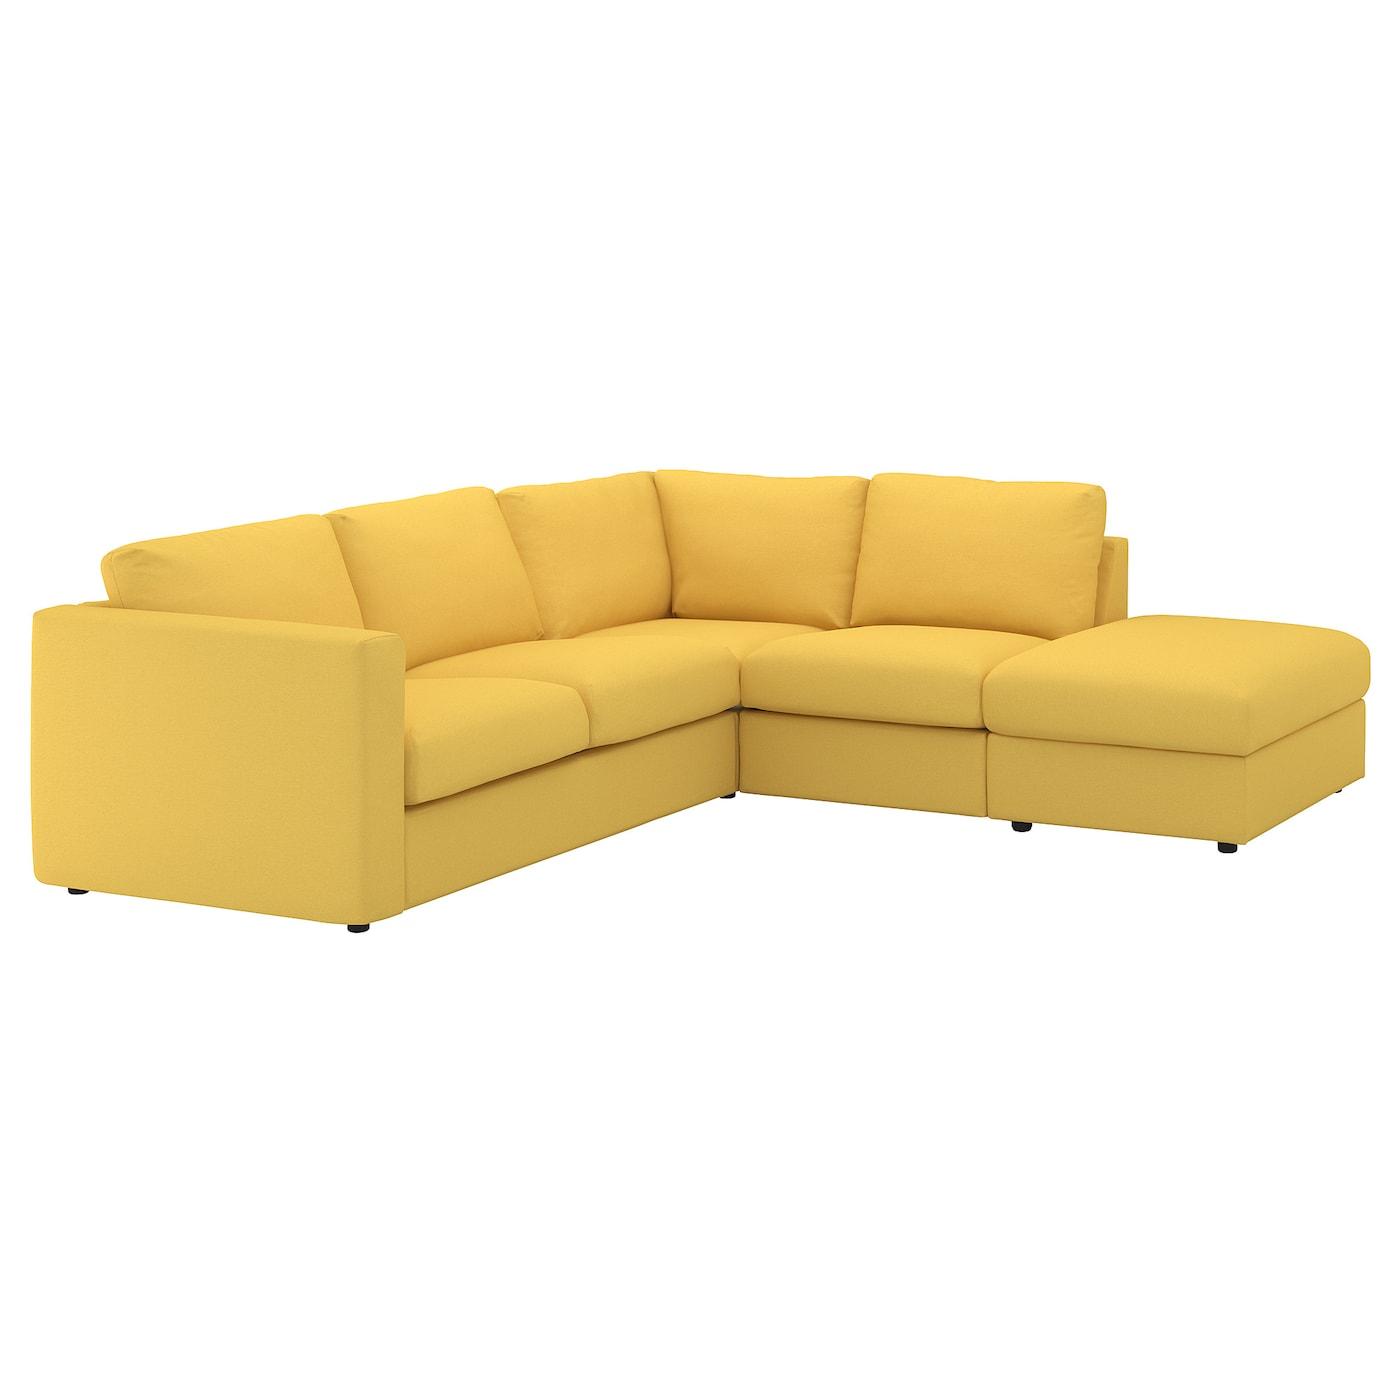 Vimle canap d 39 angle 4 places sans accoudoir orrsta jaune - Housse canape sans accoudoir ...